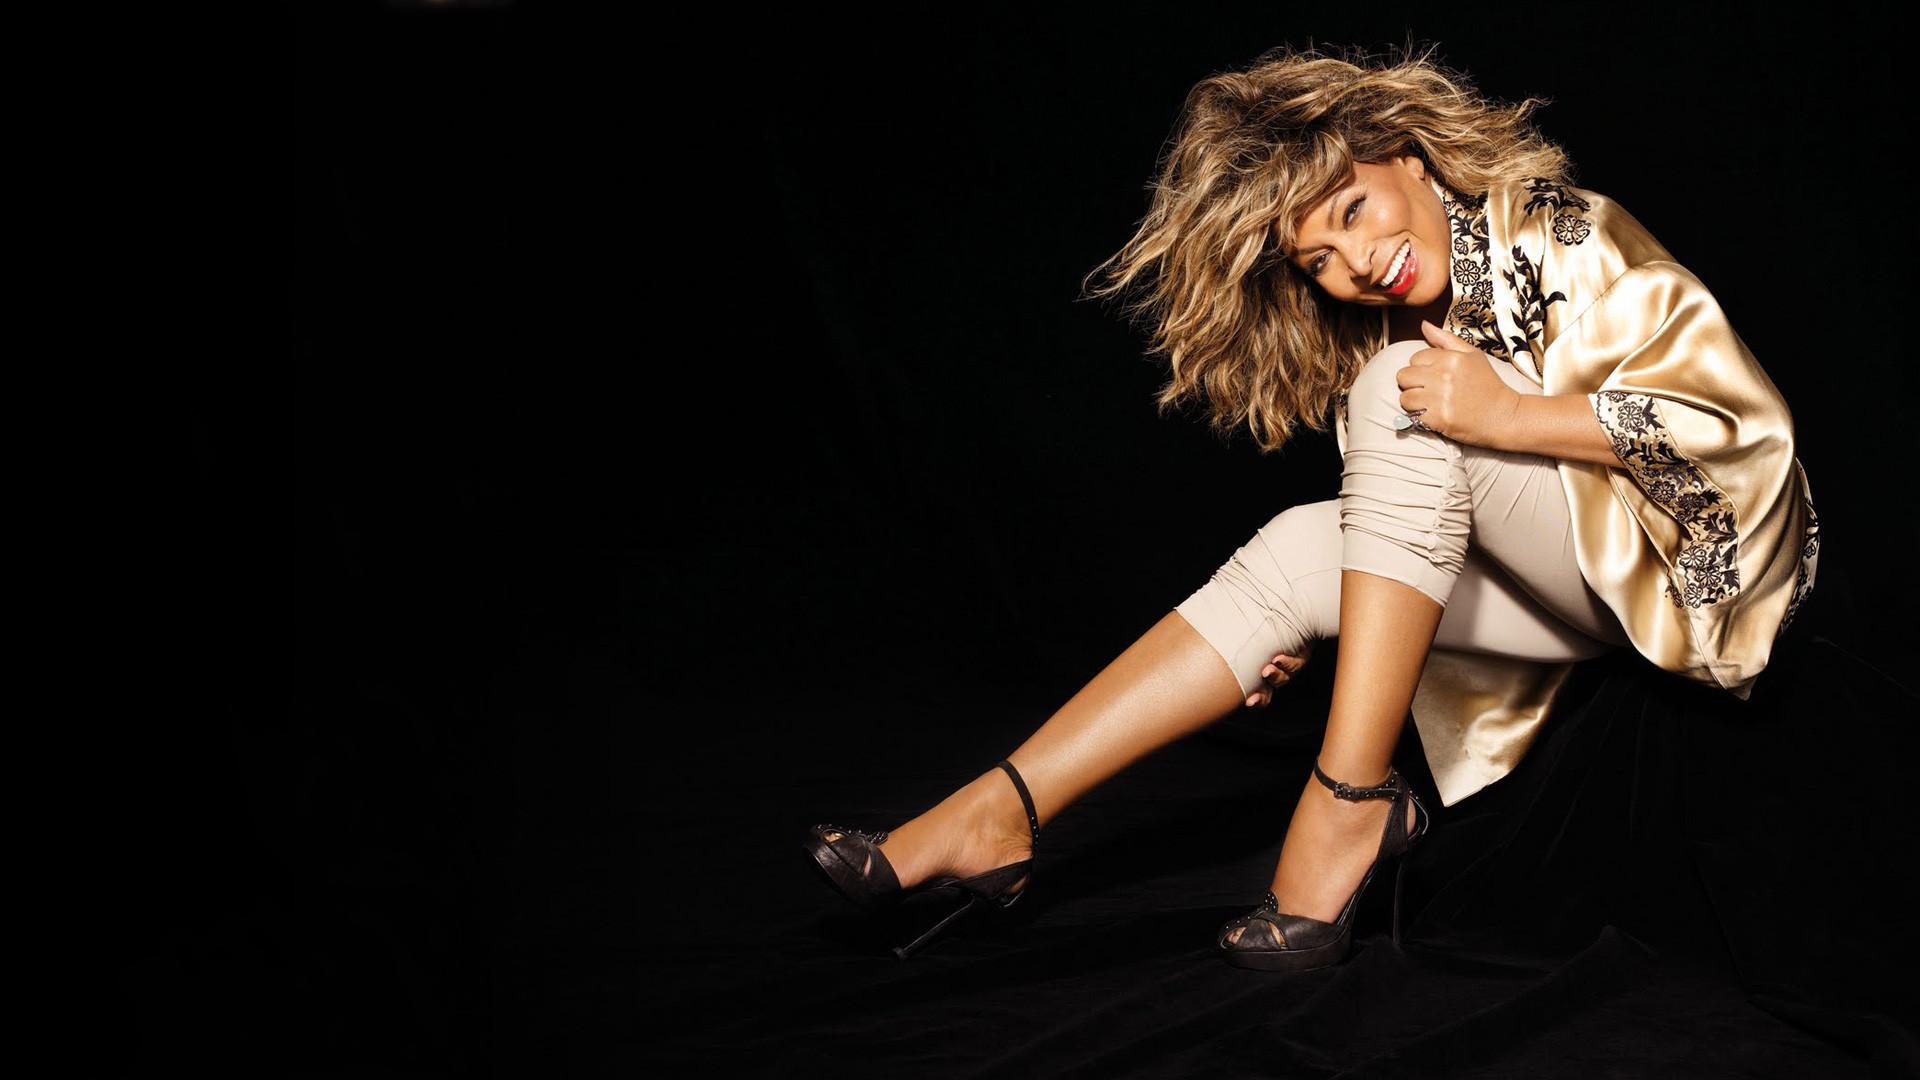 Tina Turner is de artiestennaam van Anna Mae Bullock Nutbush Tennessee 26 november 1939 een zangeres en actrice uit de Verenigde Staten met de Zwitserse